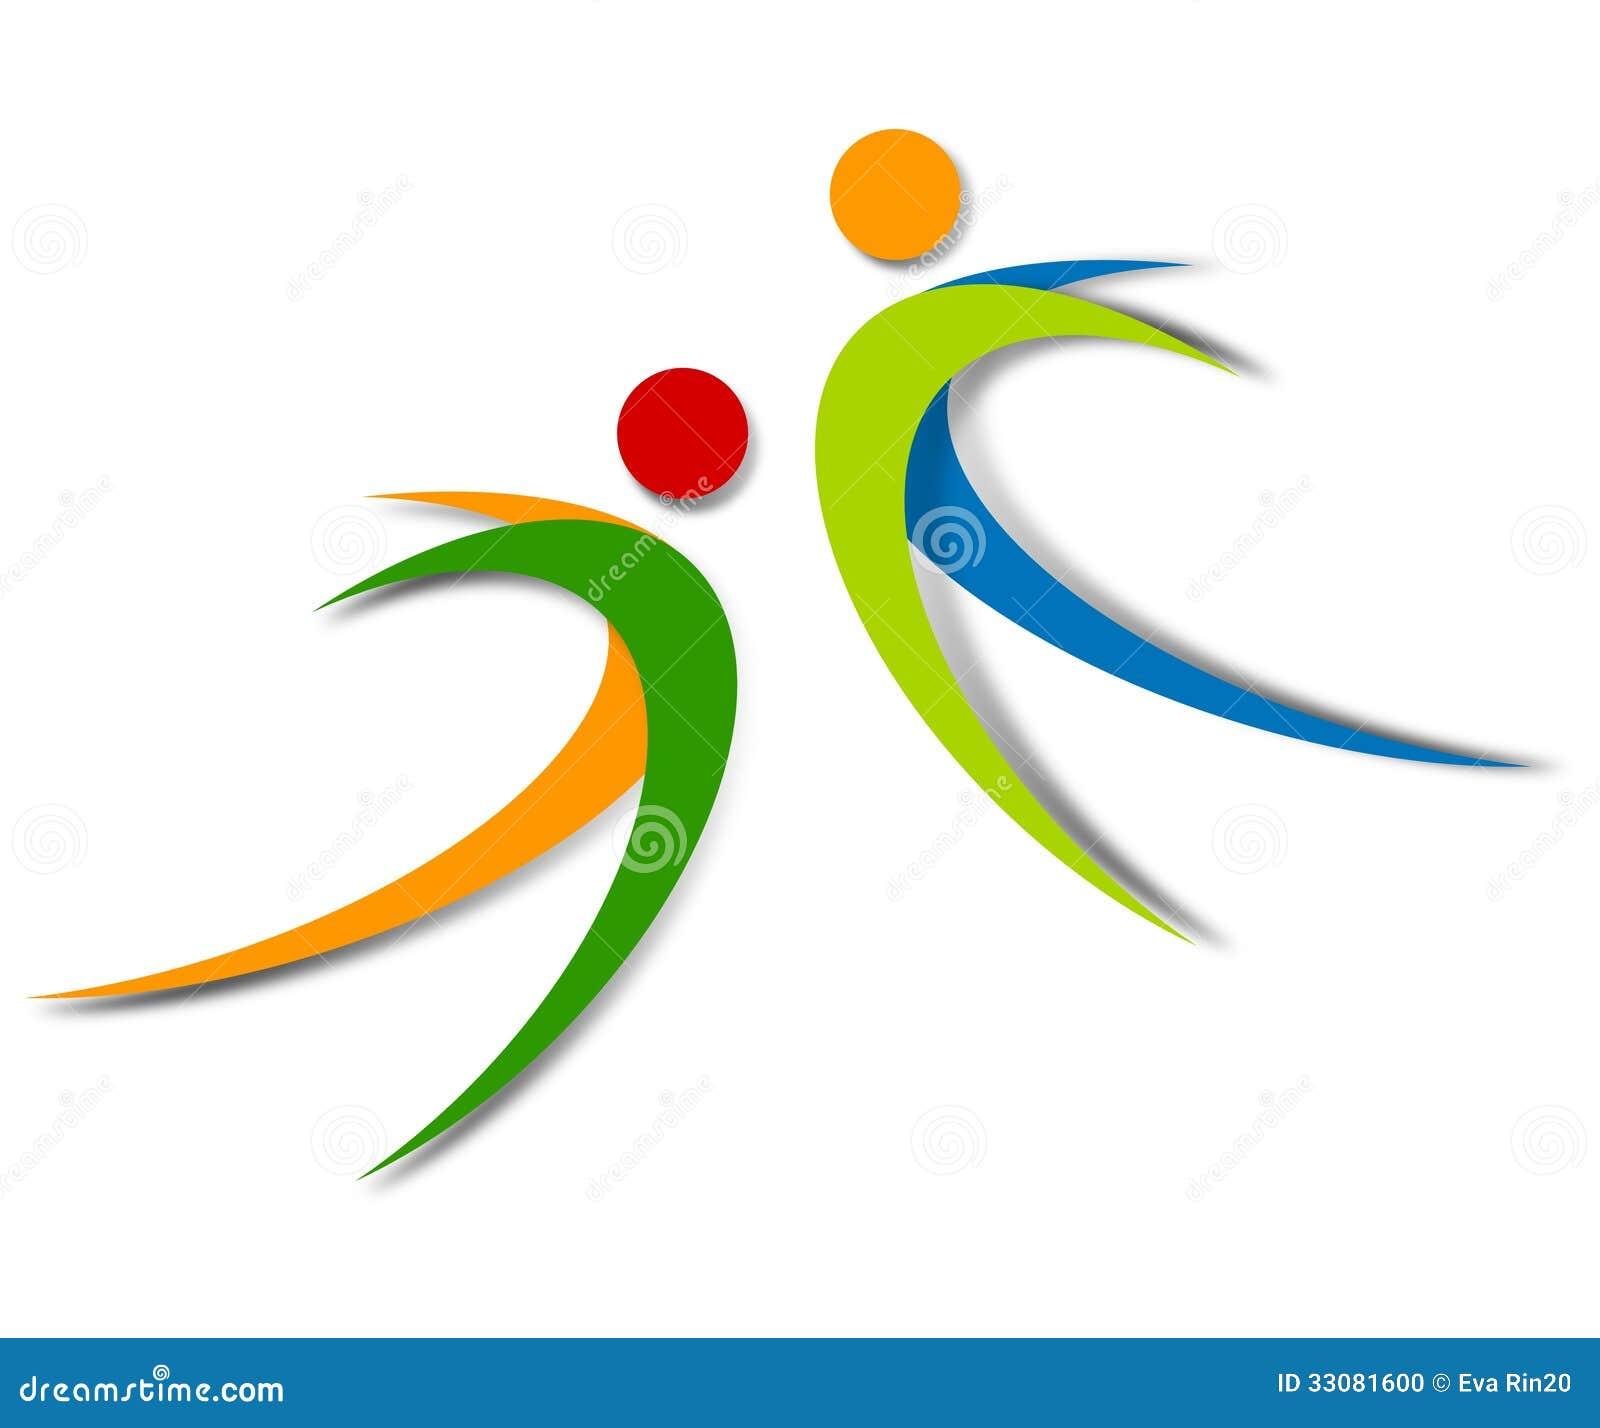 Icon Based Logo Design